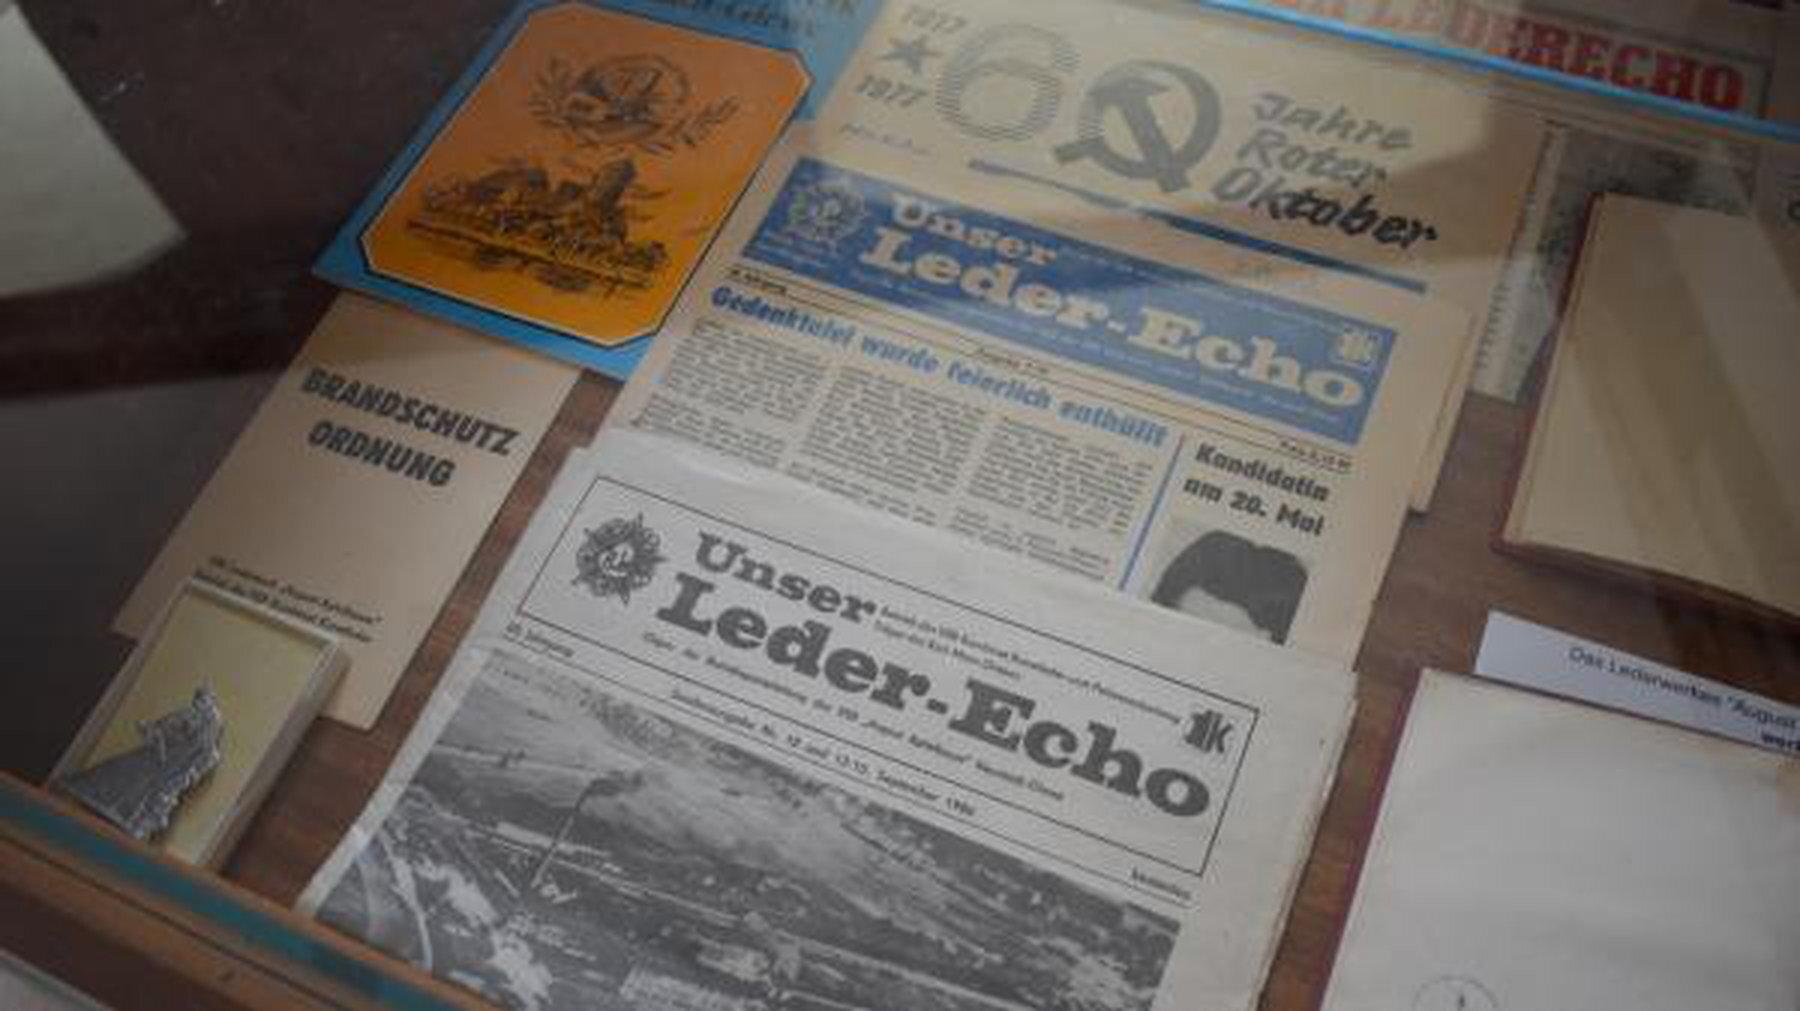 """Für die zeitweise bis zu 1600 Mitarbeiter wurde regelmäßig die Betriebszeitung """"Unser Leder-Echo"""" veröffentlicht"""